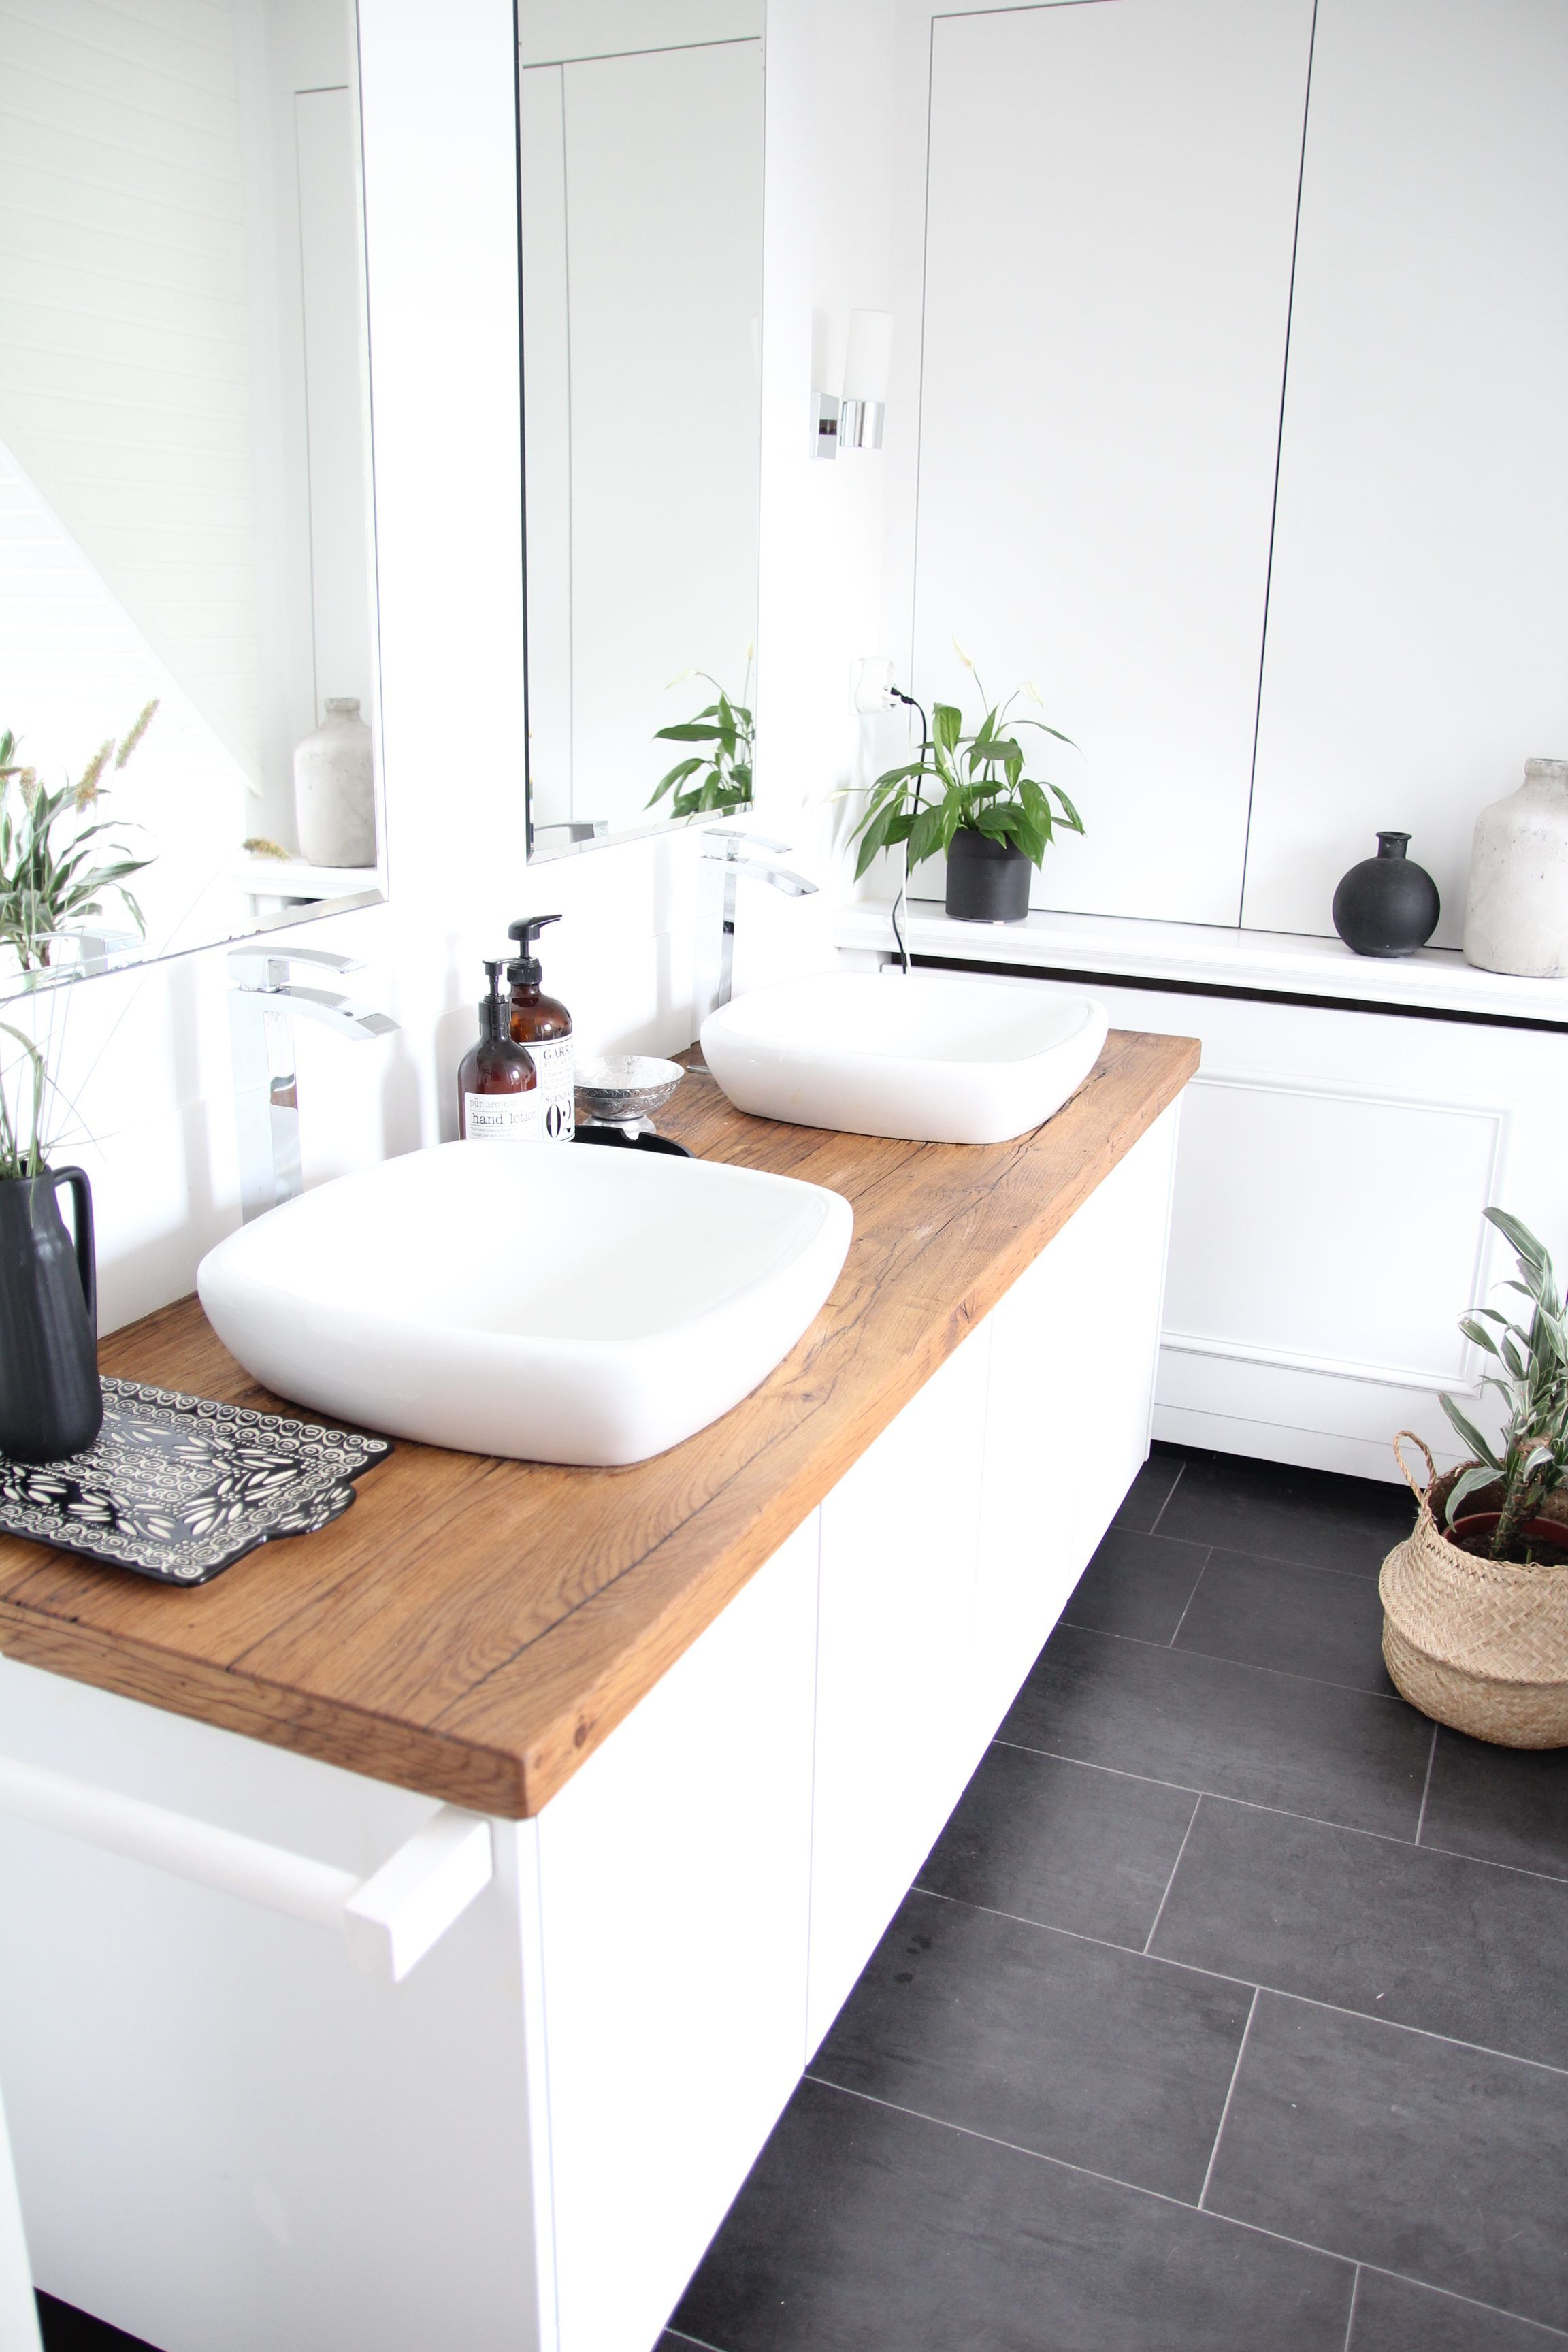 Badezimmer Selbst Renovieren Badezimmer Arbeitsplatten Badezimmer Holz Neues Badezimmer